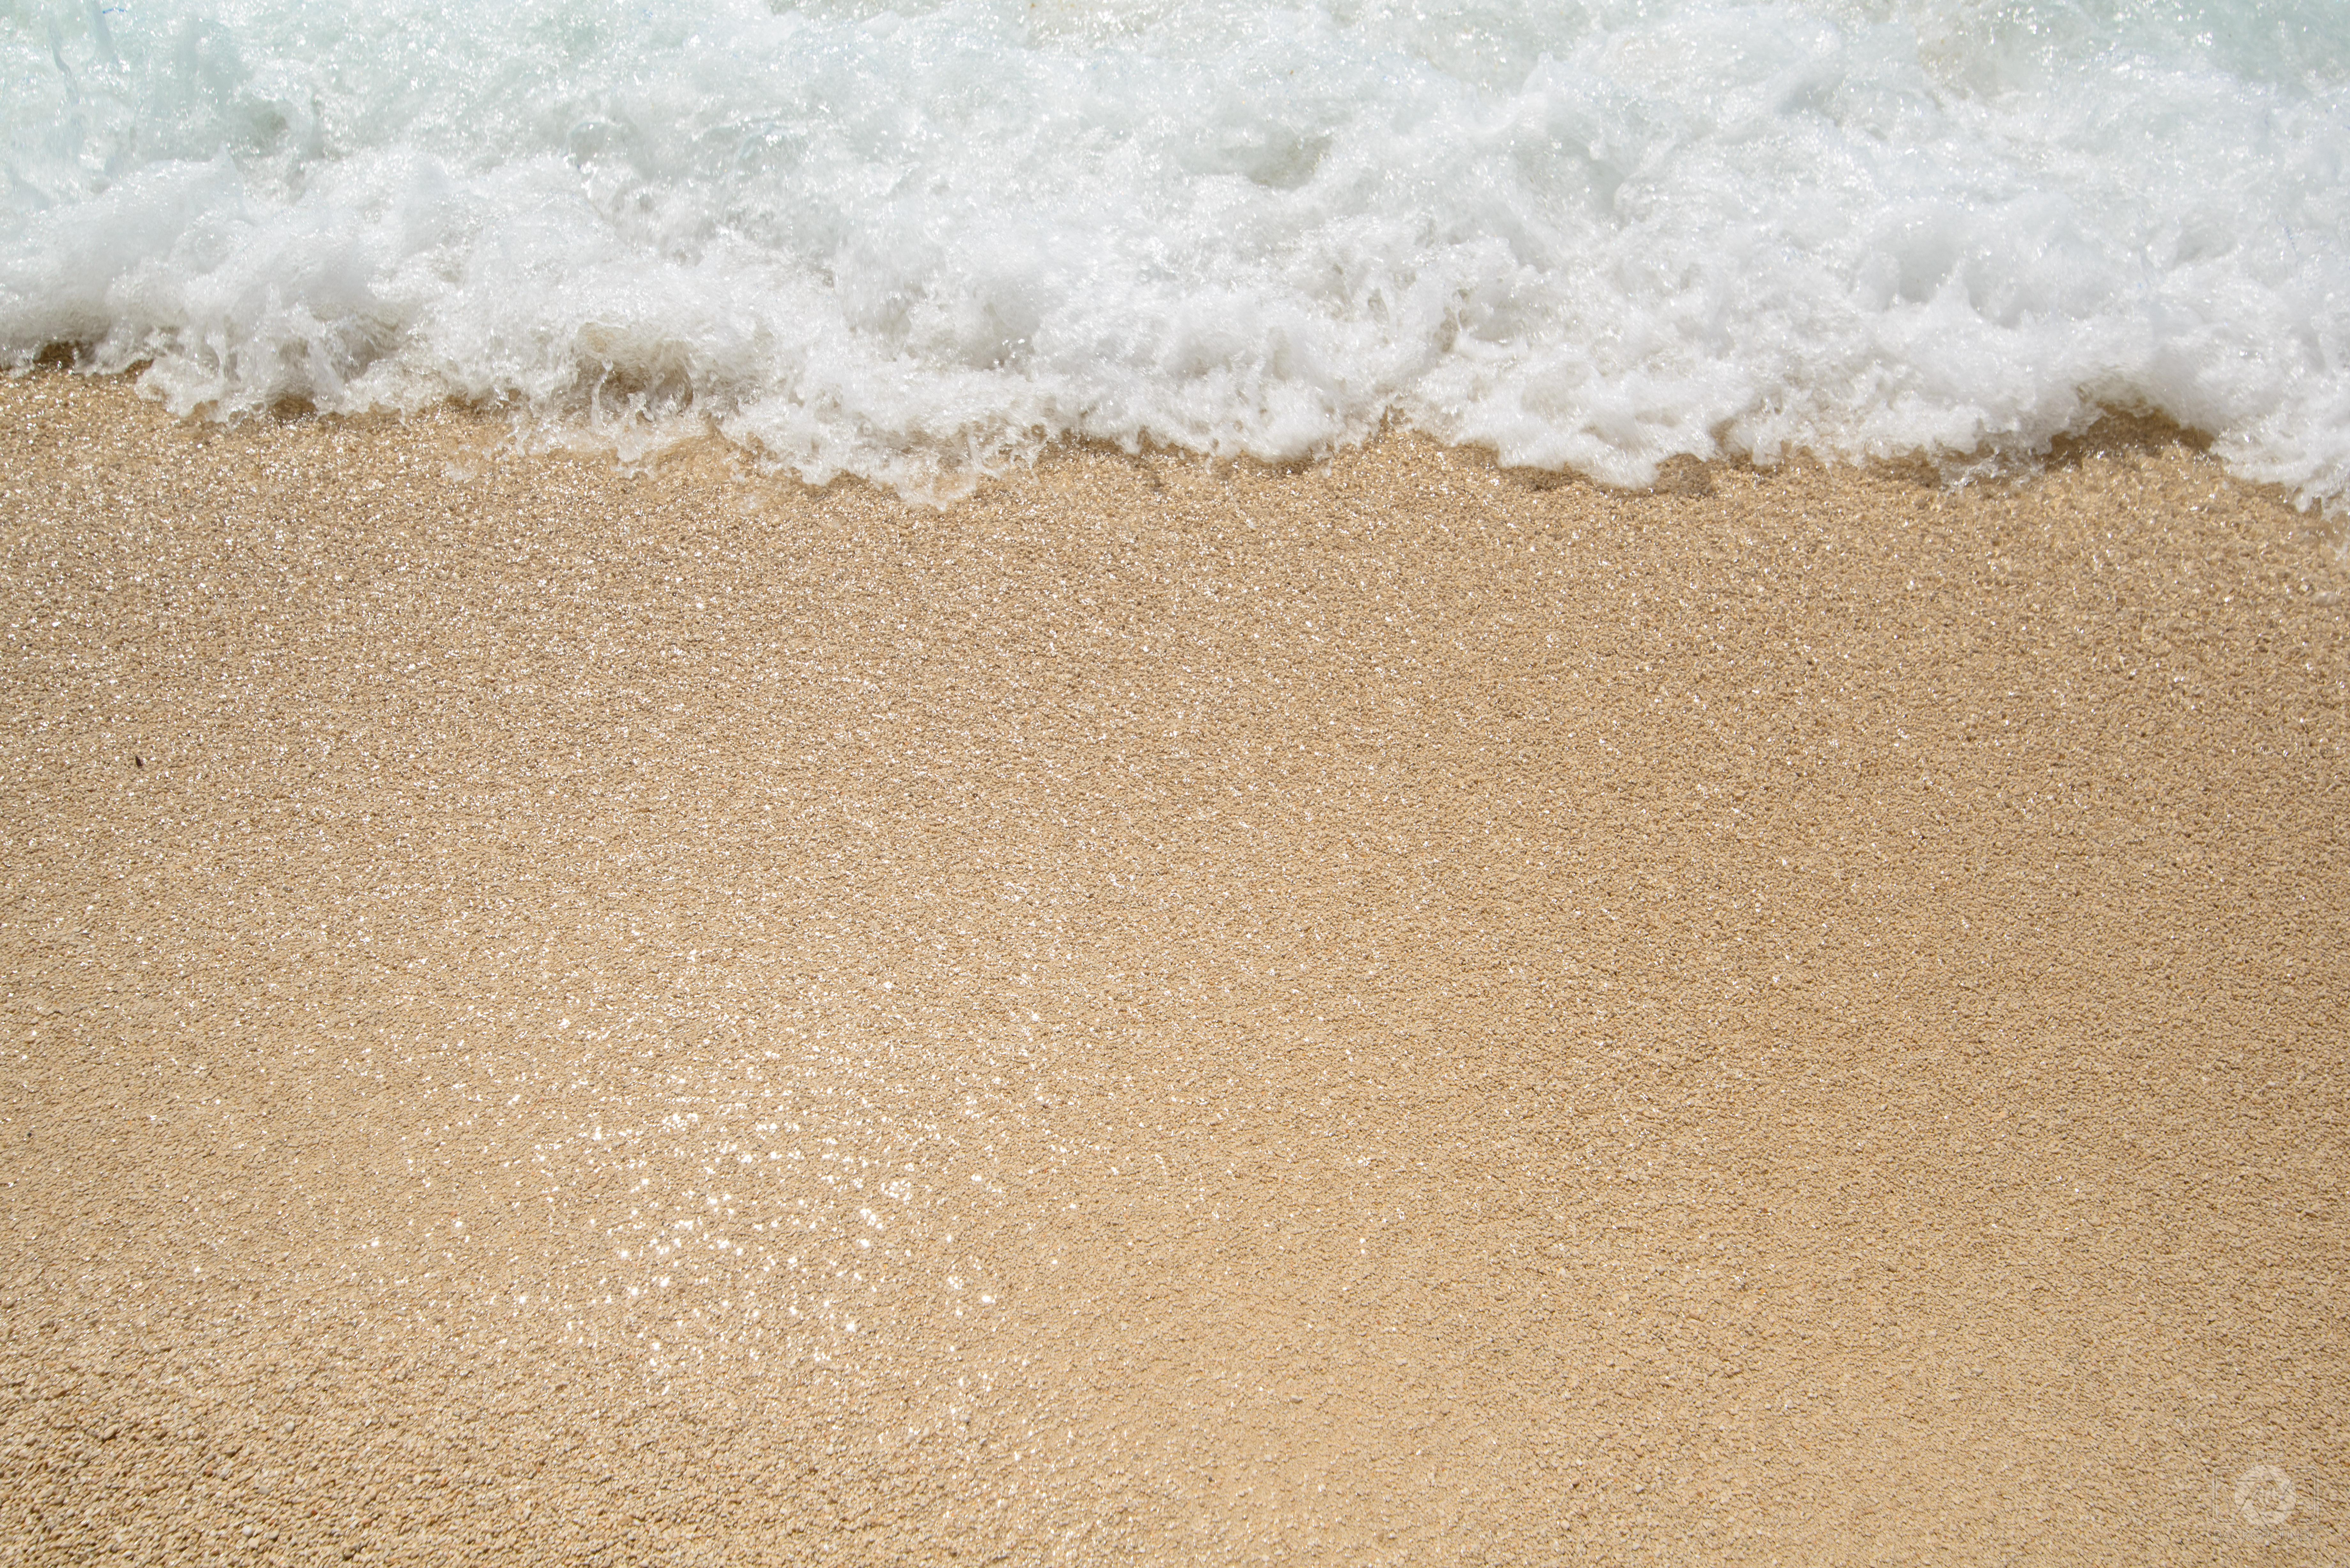 Sea Wave on Sand Texture.